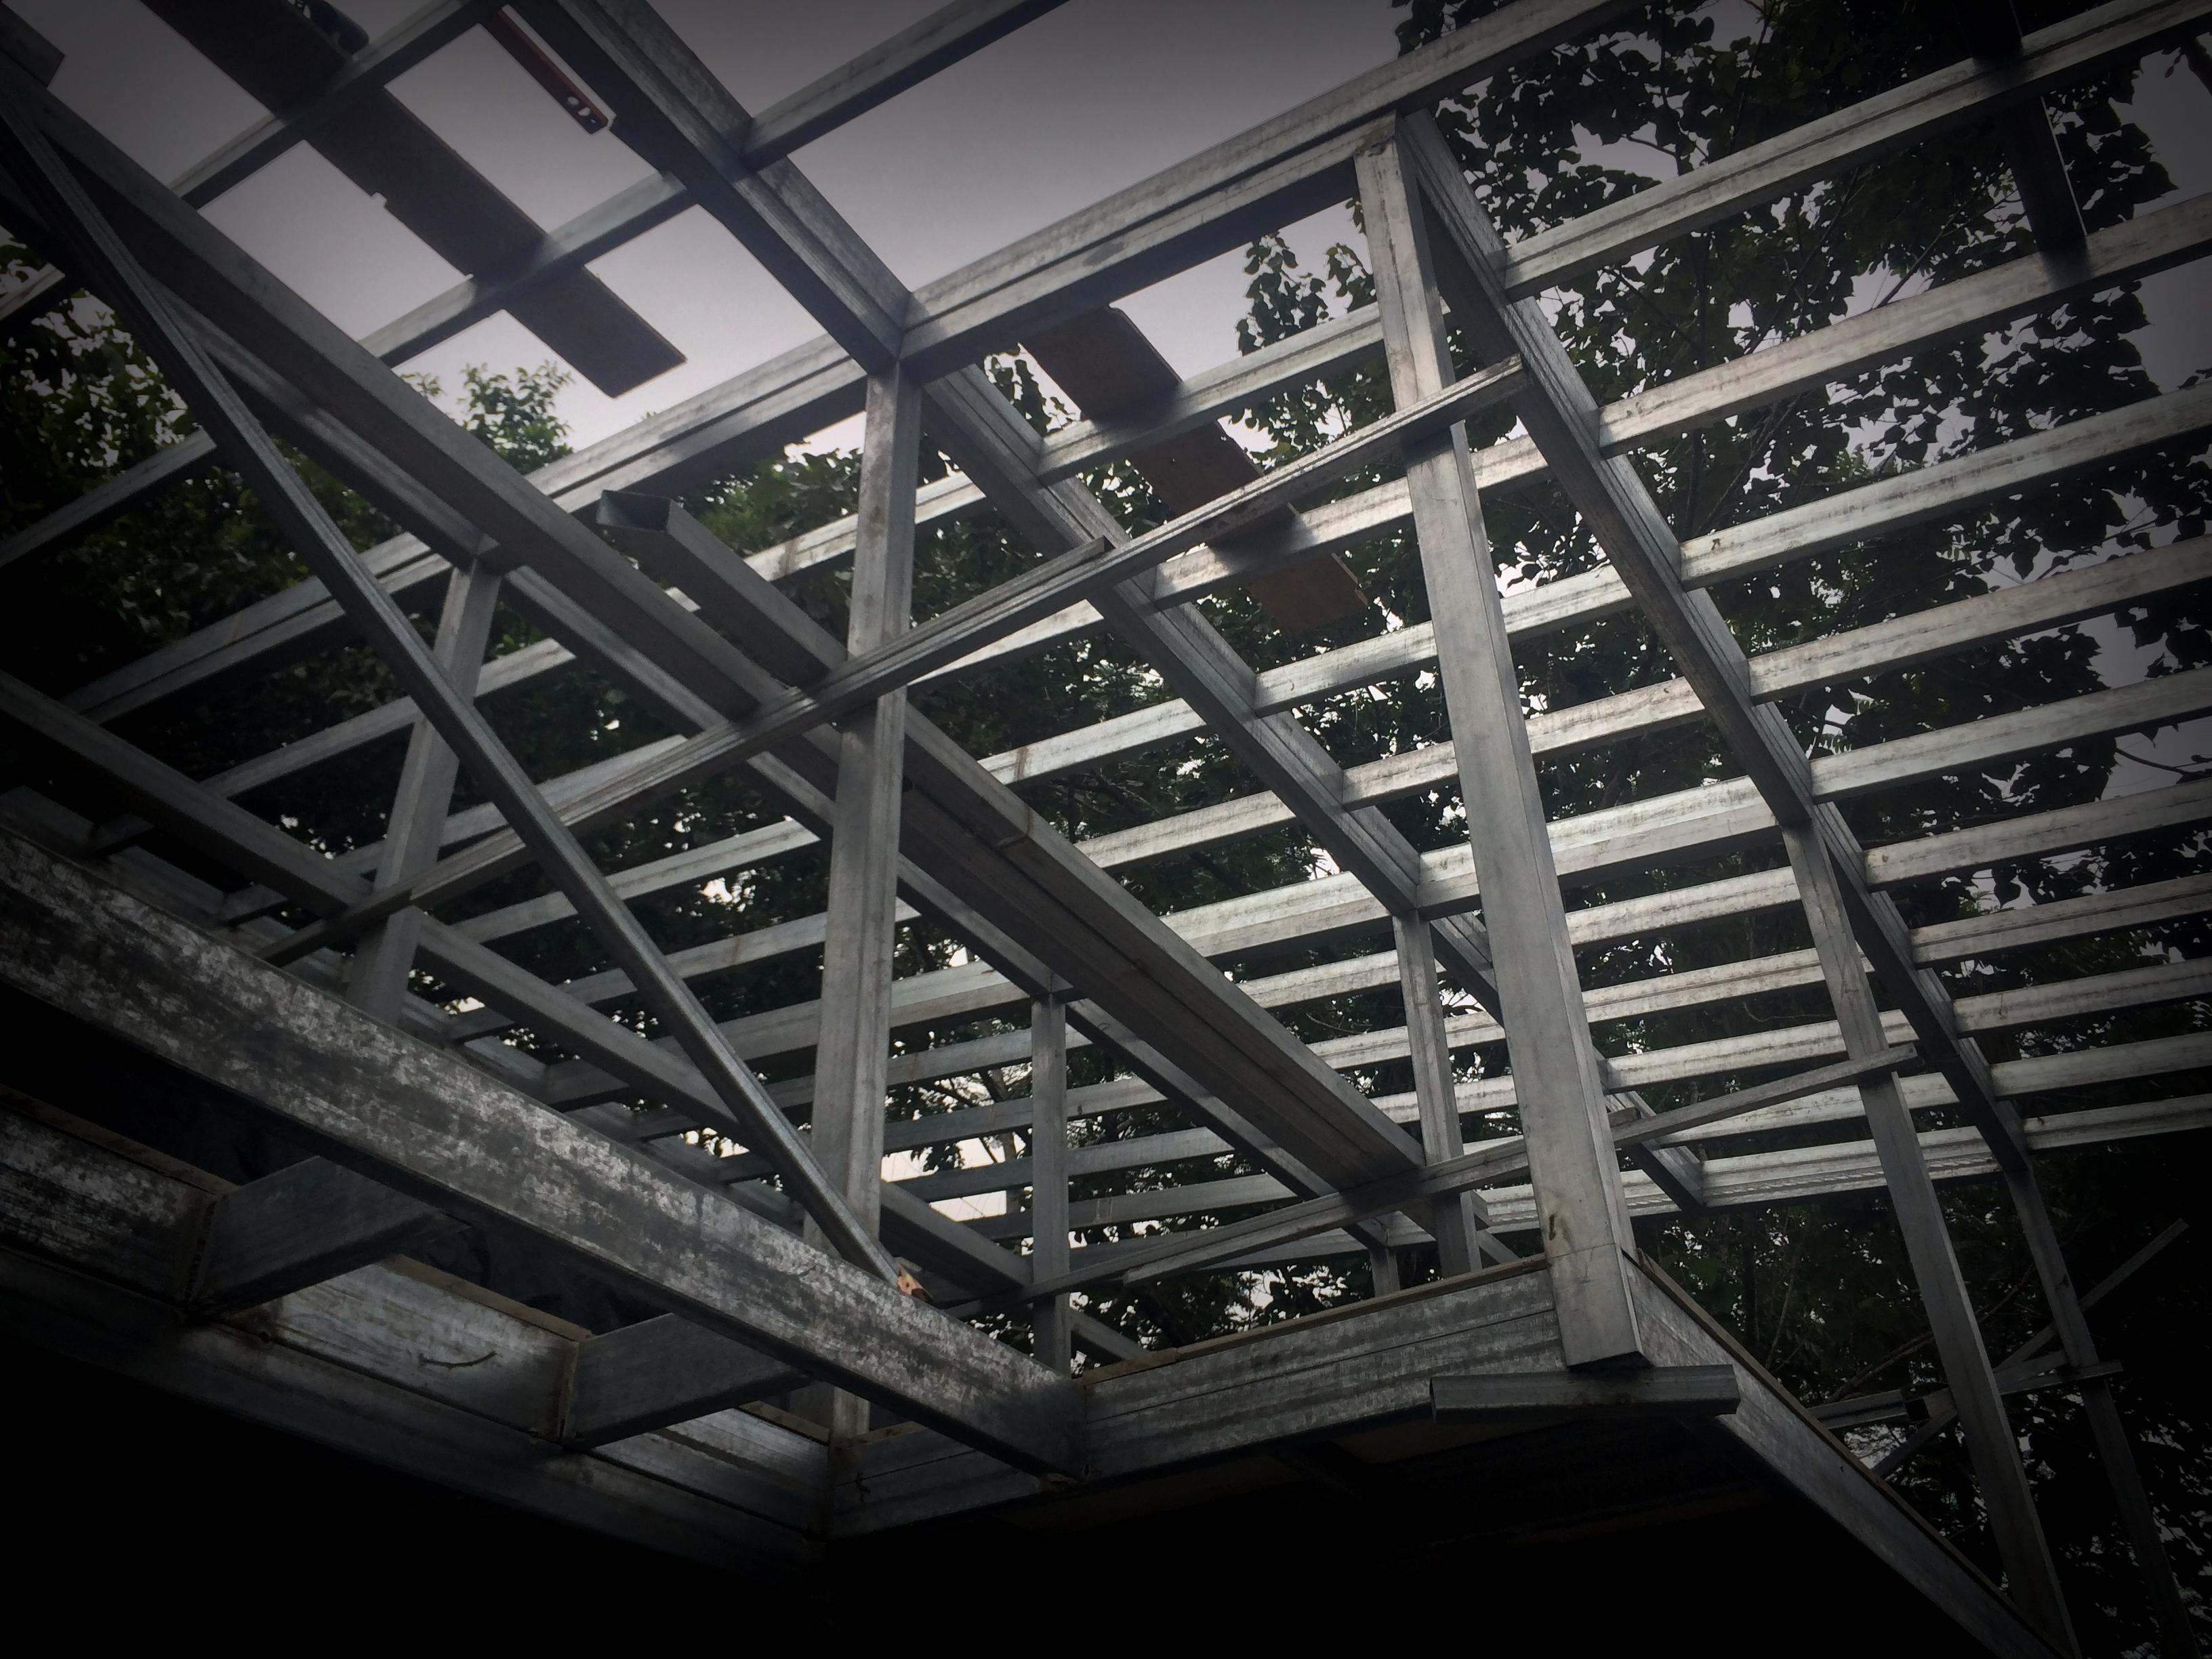 More overhang